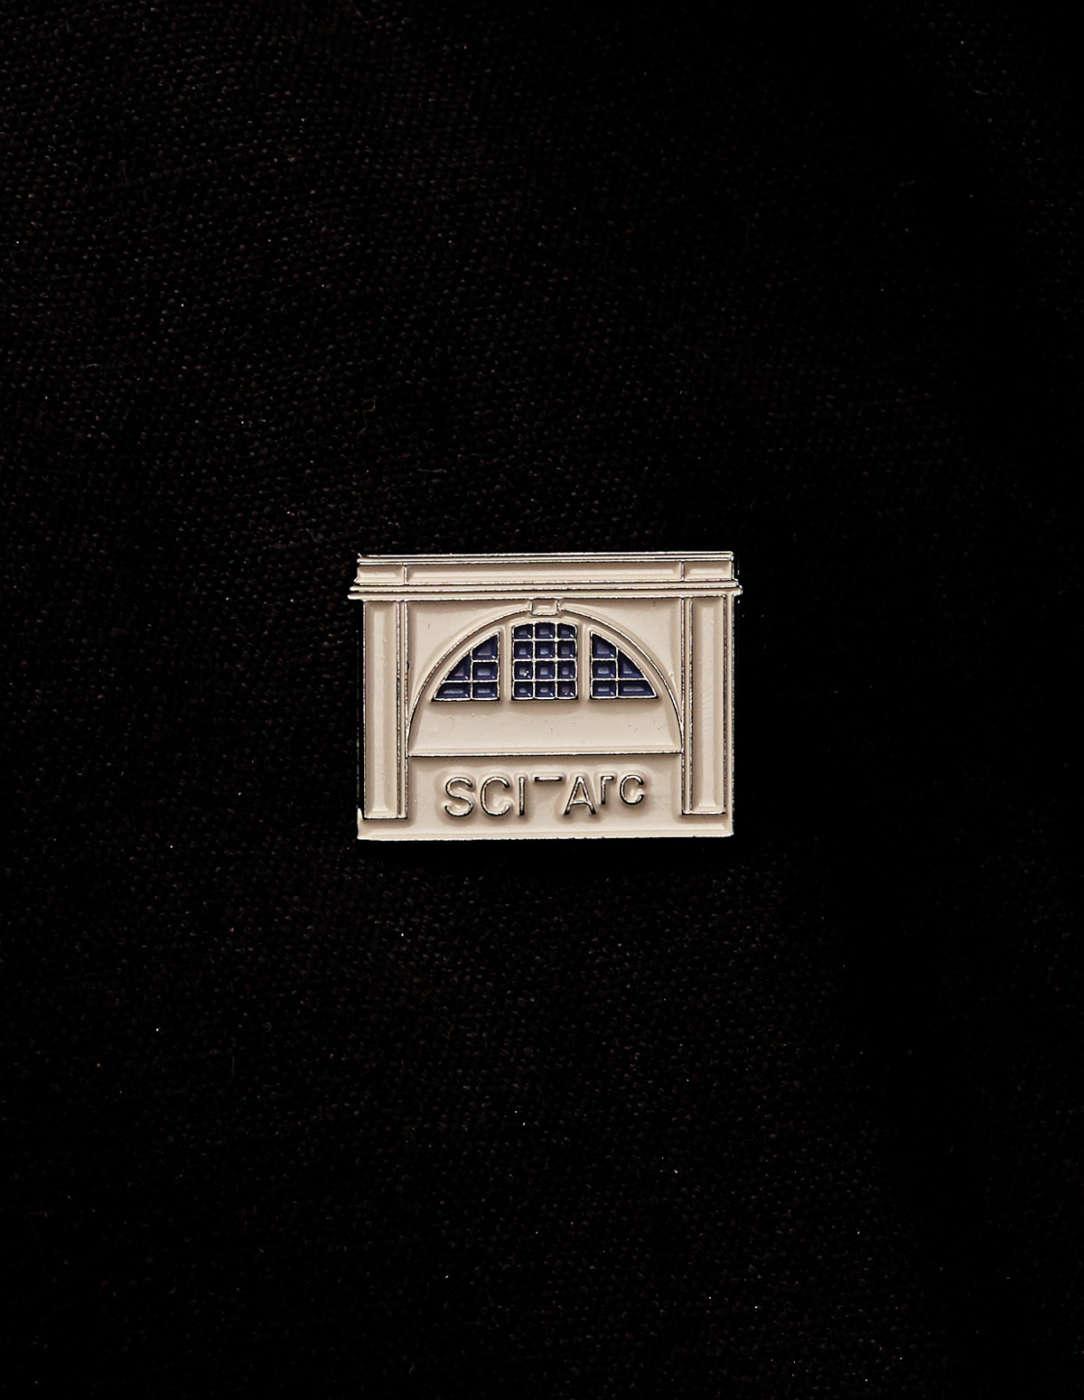 sciarc building elevation enamel pin